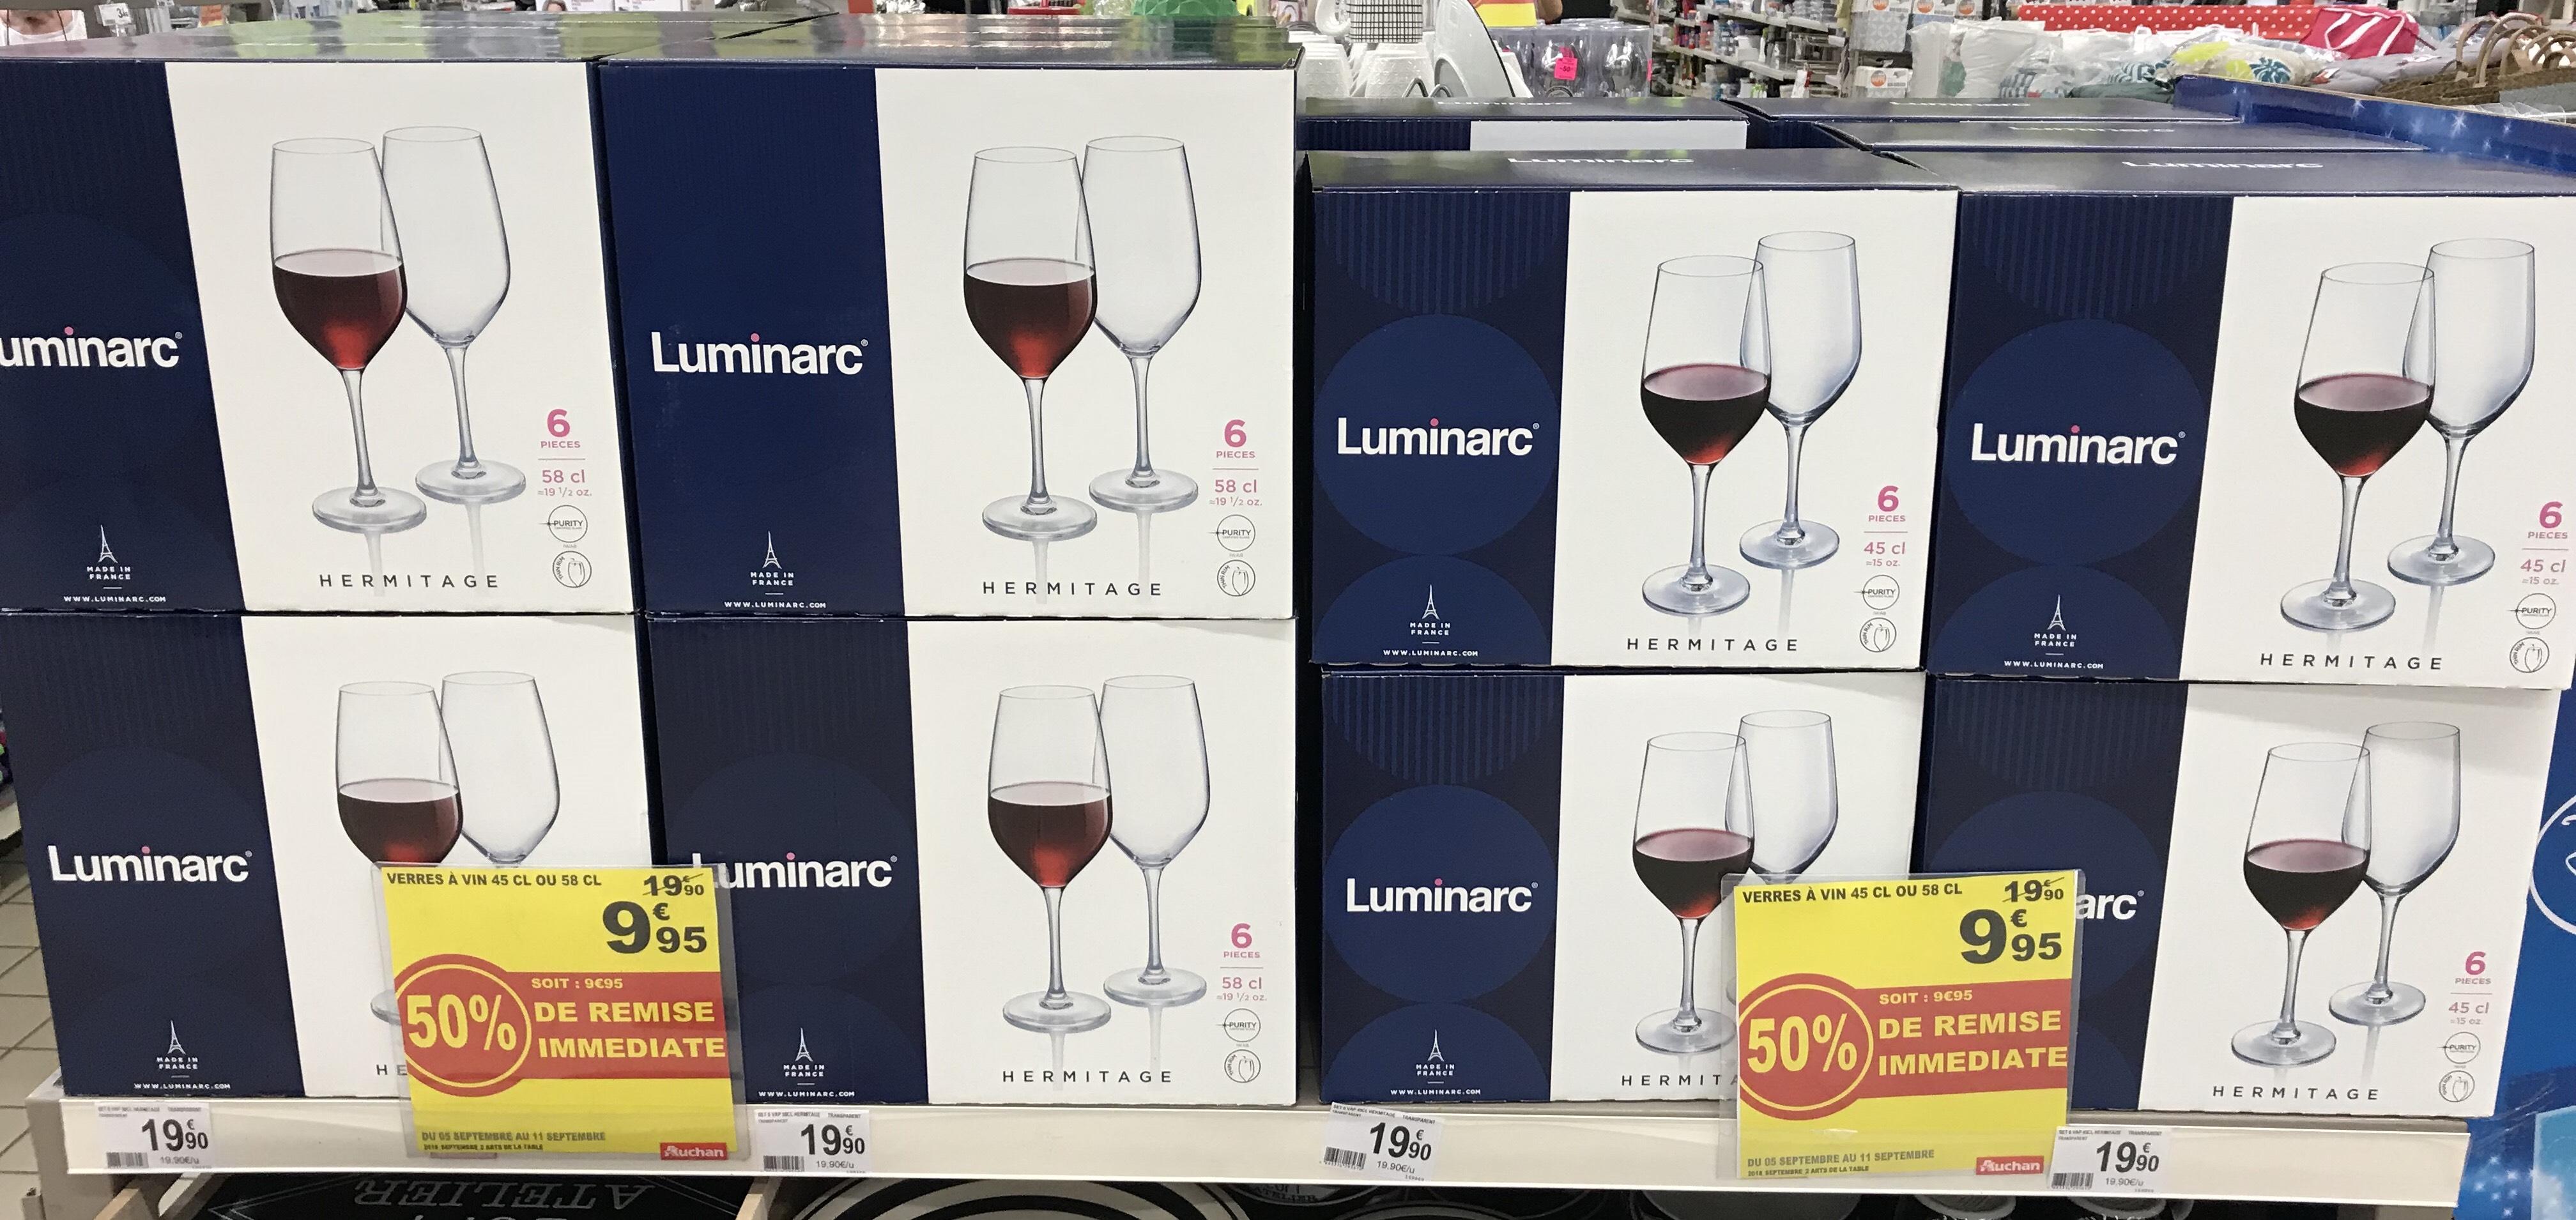 Lot de 6 verres Luminarc (45 ou 58 cl) - Béziers (34)